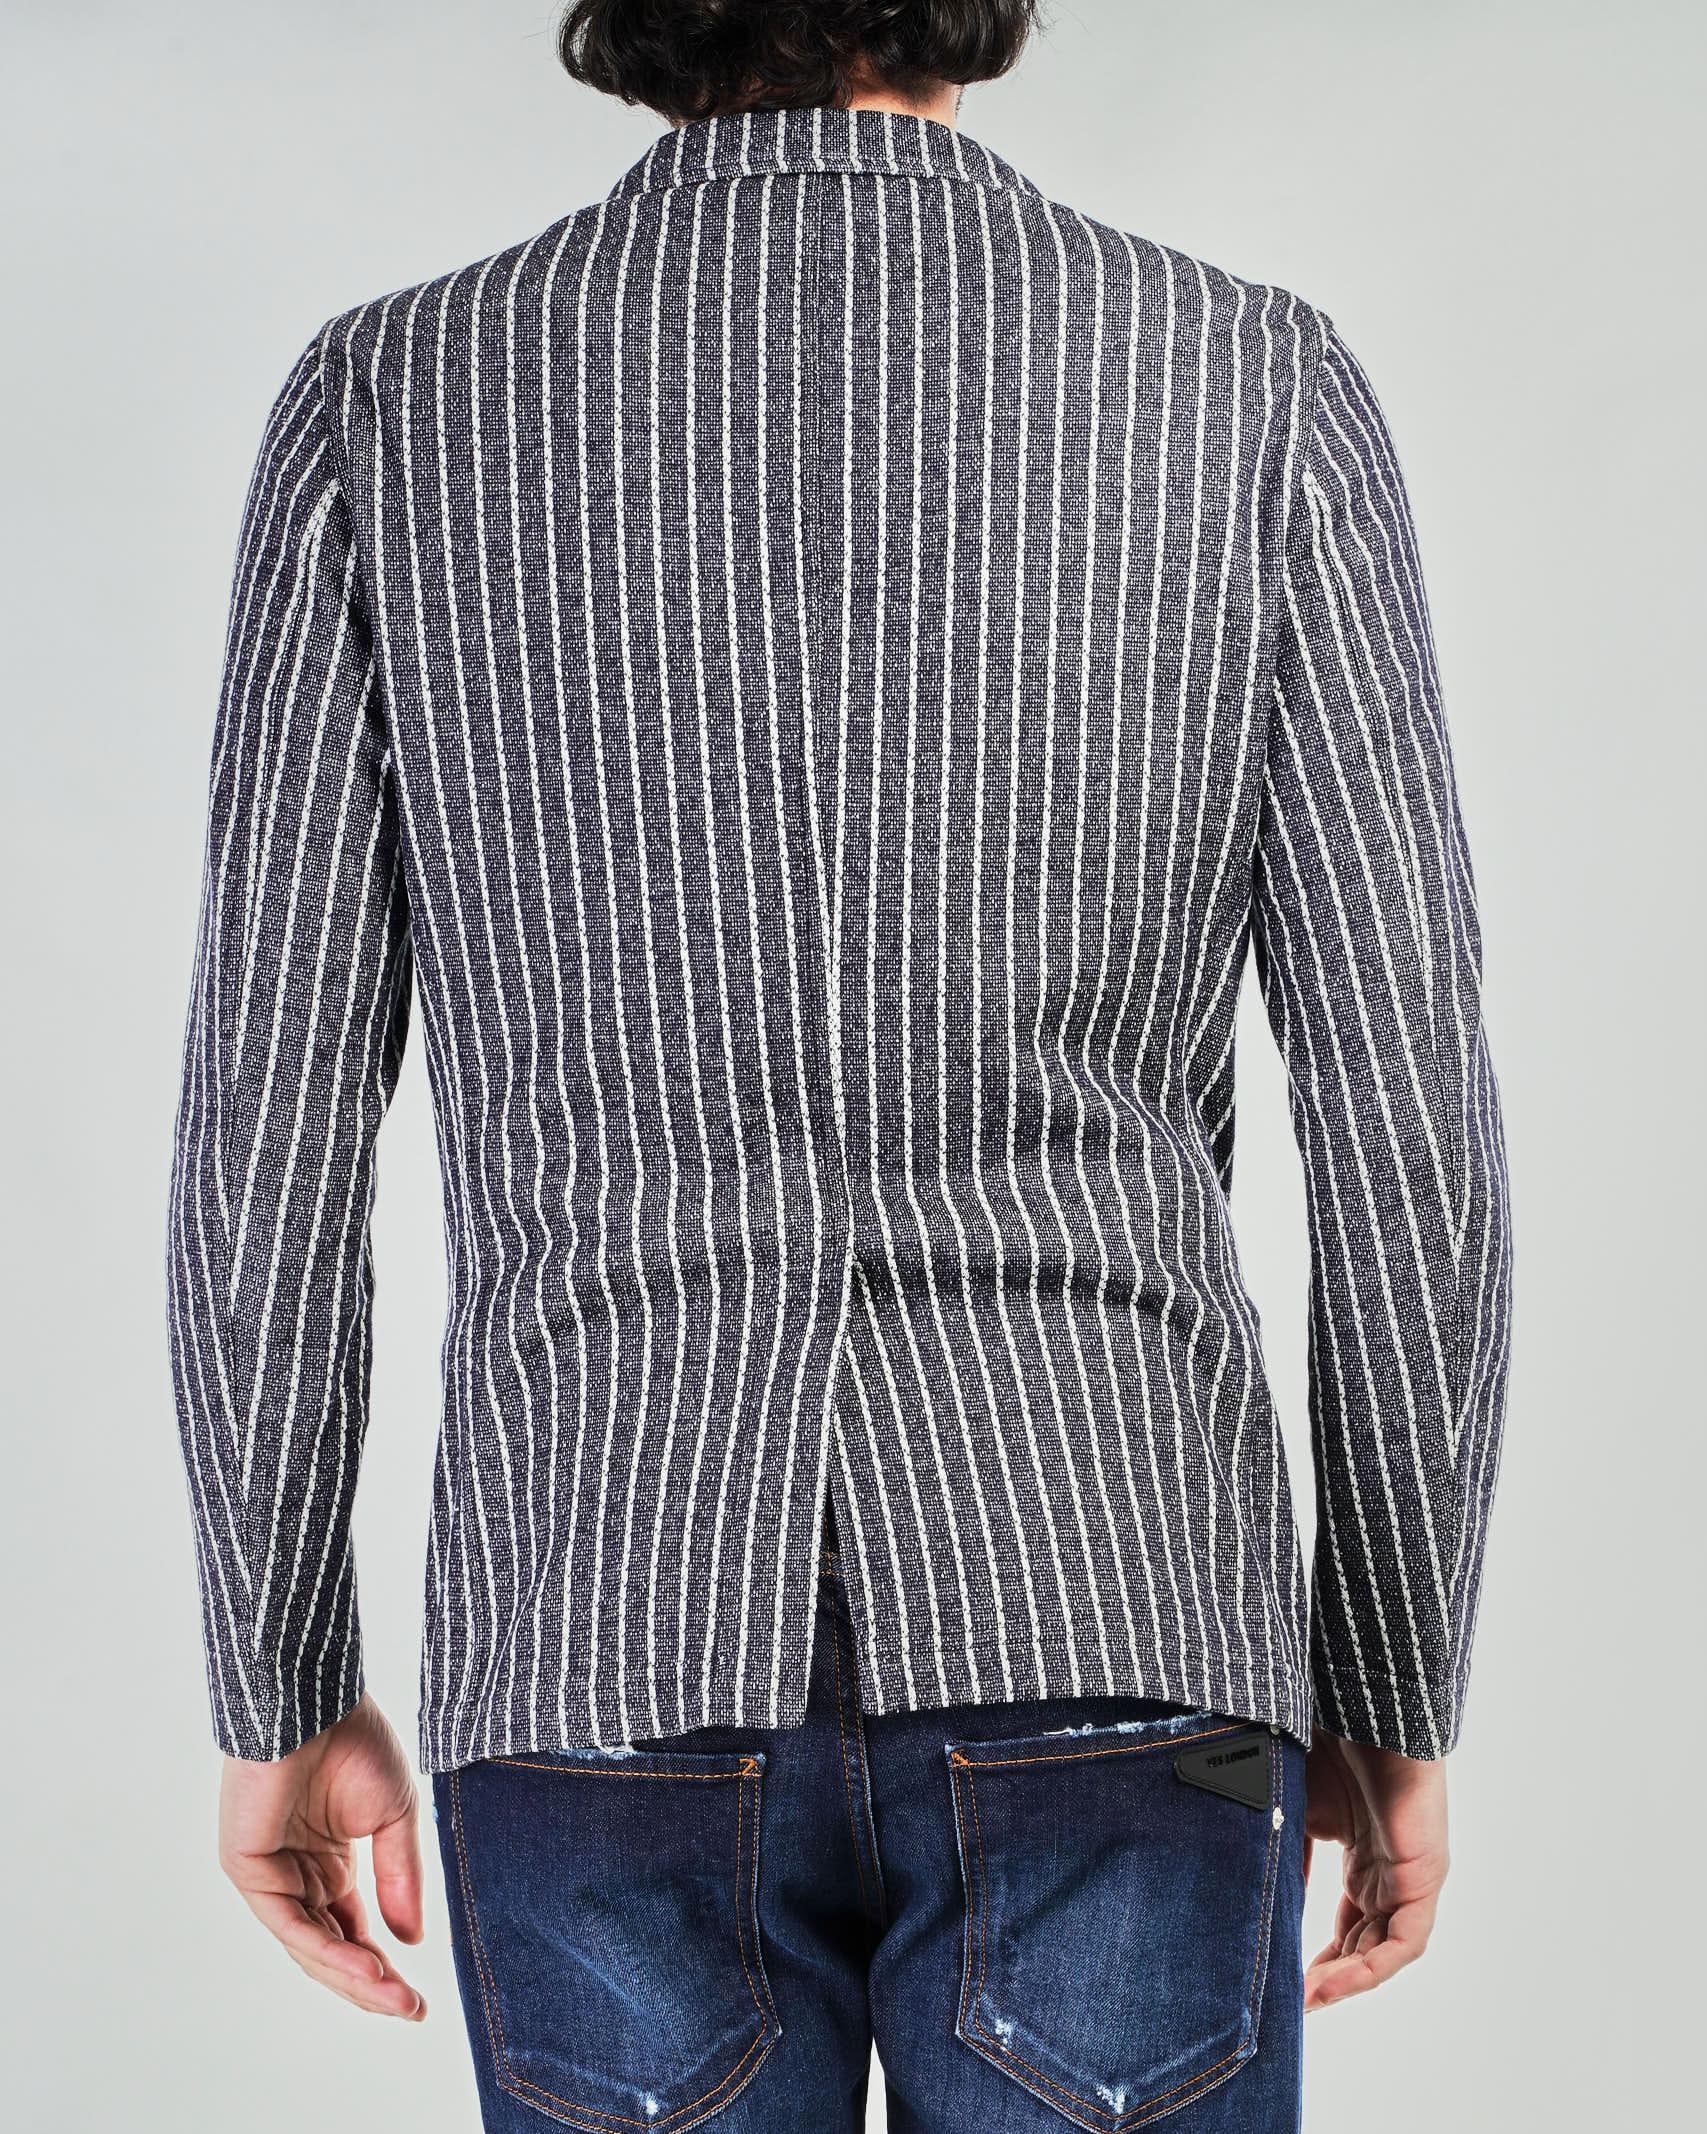 Giacca in maglia a righe doppiopetto Paoloni PAOLONI | Giacca | 2811G96720108189